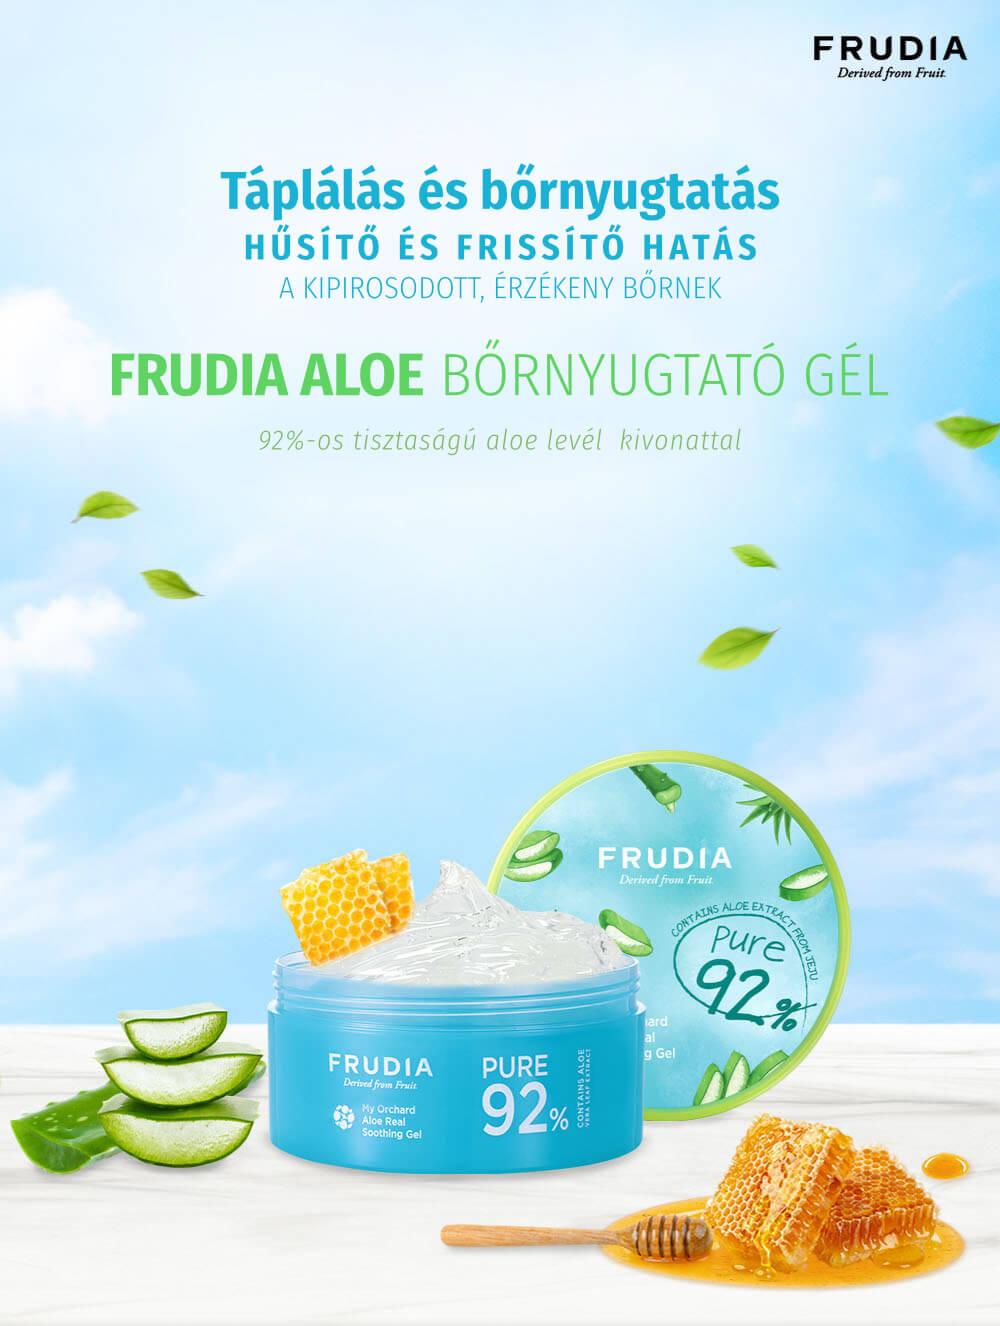 Frudia-Aloe-bornyugtato-gel-500ml